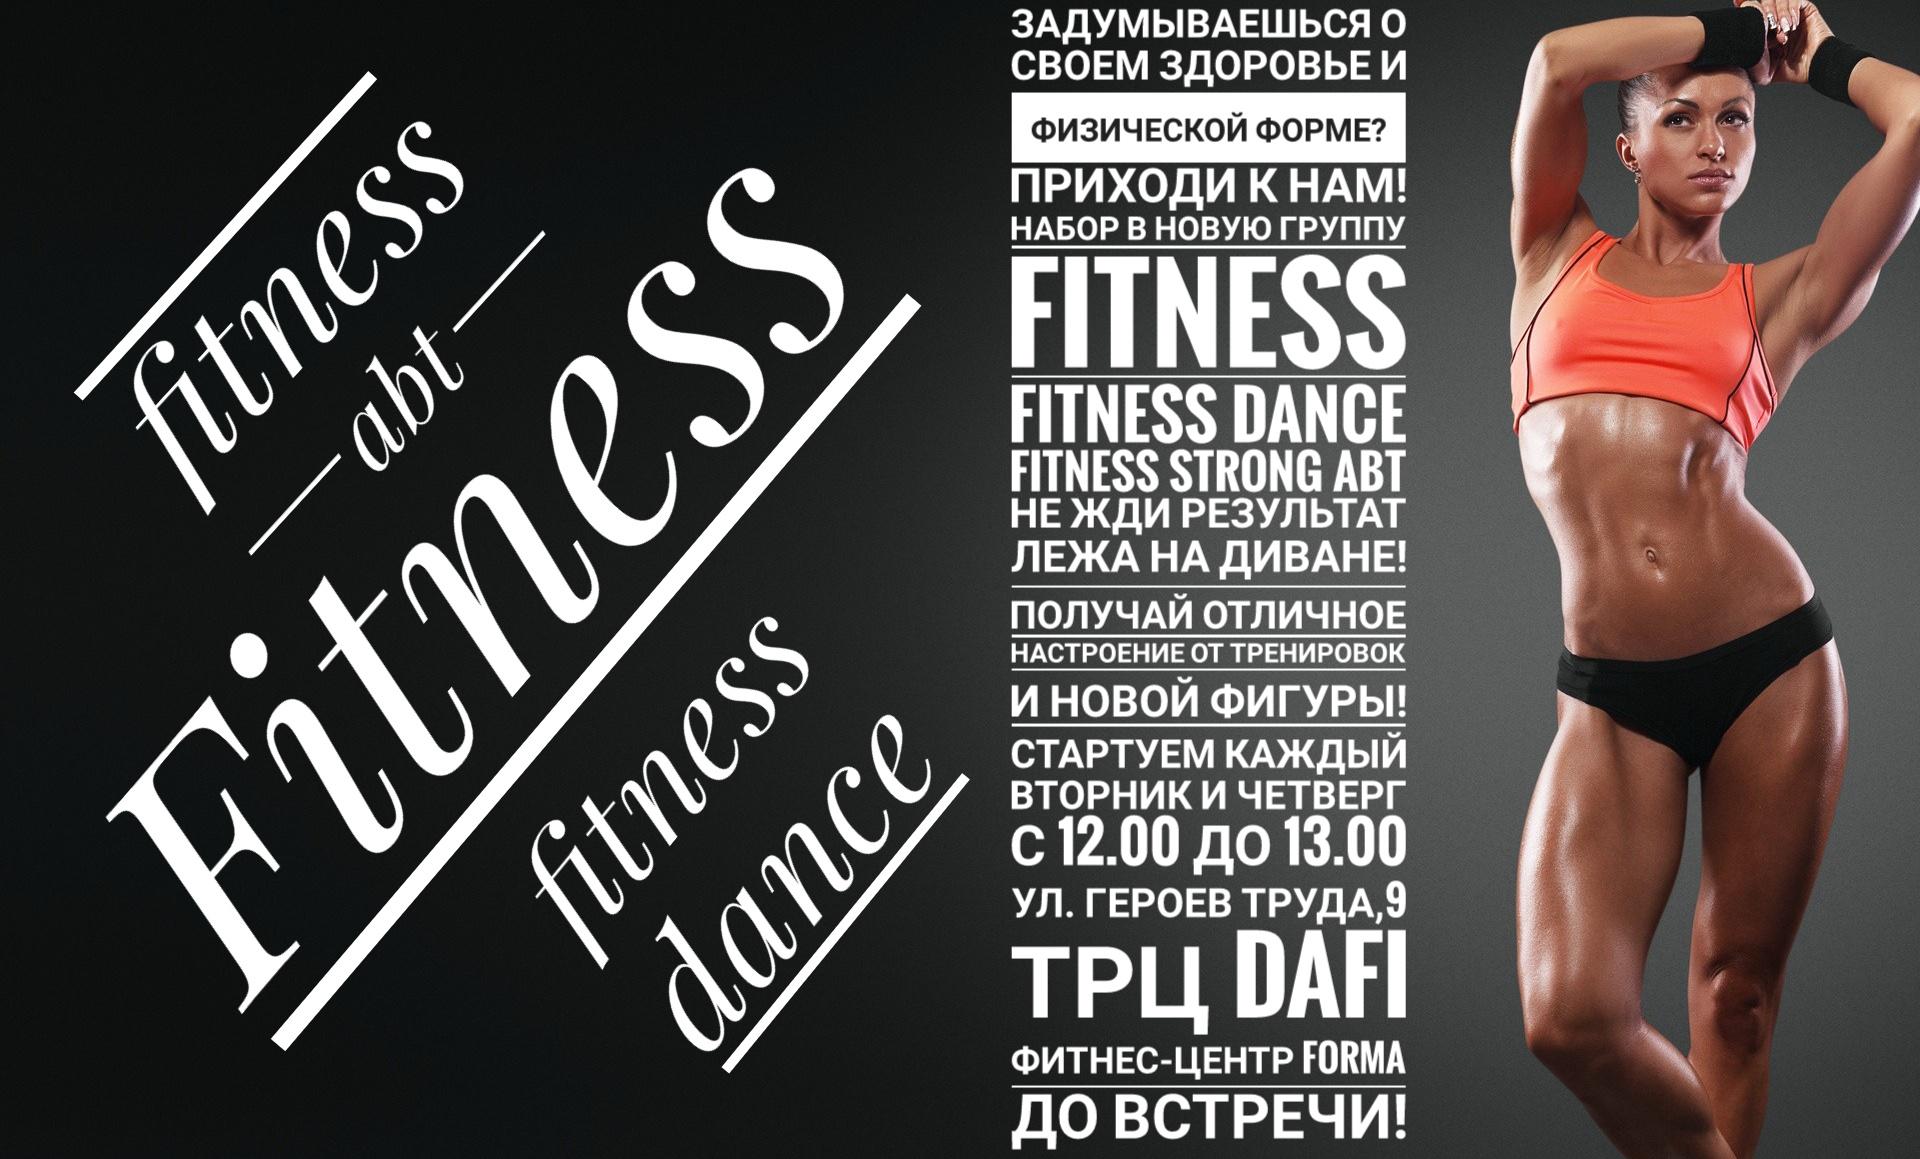 Fitness dance! вторник и четверг в 12.00